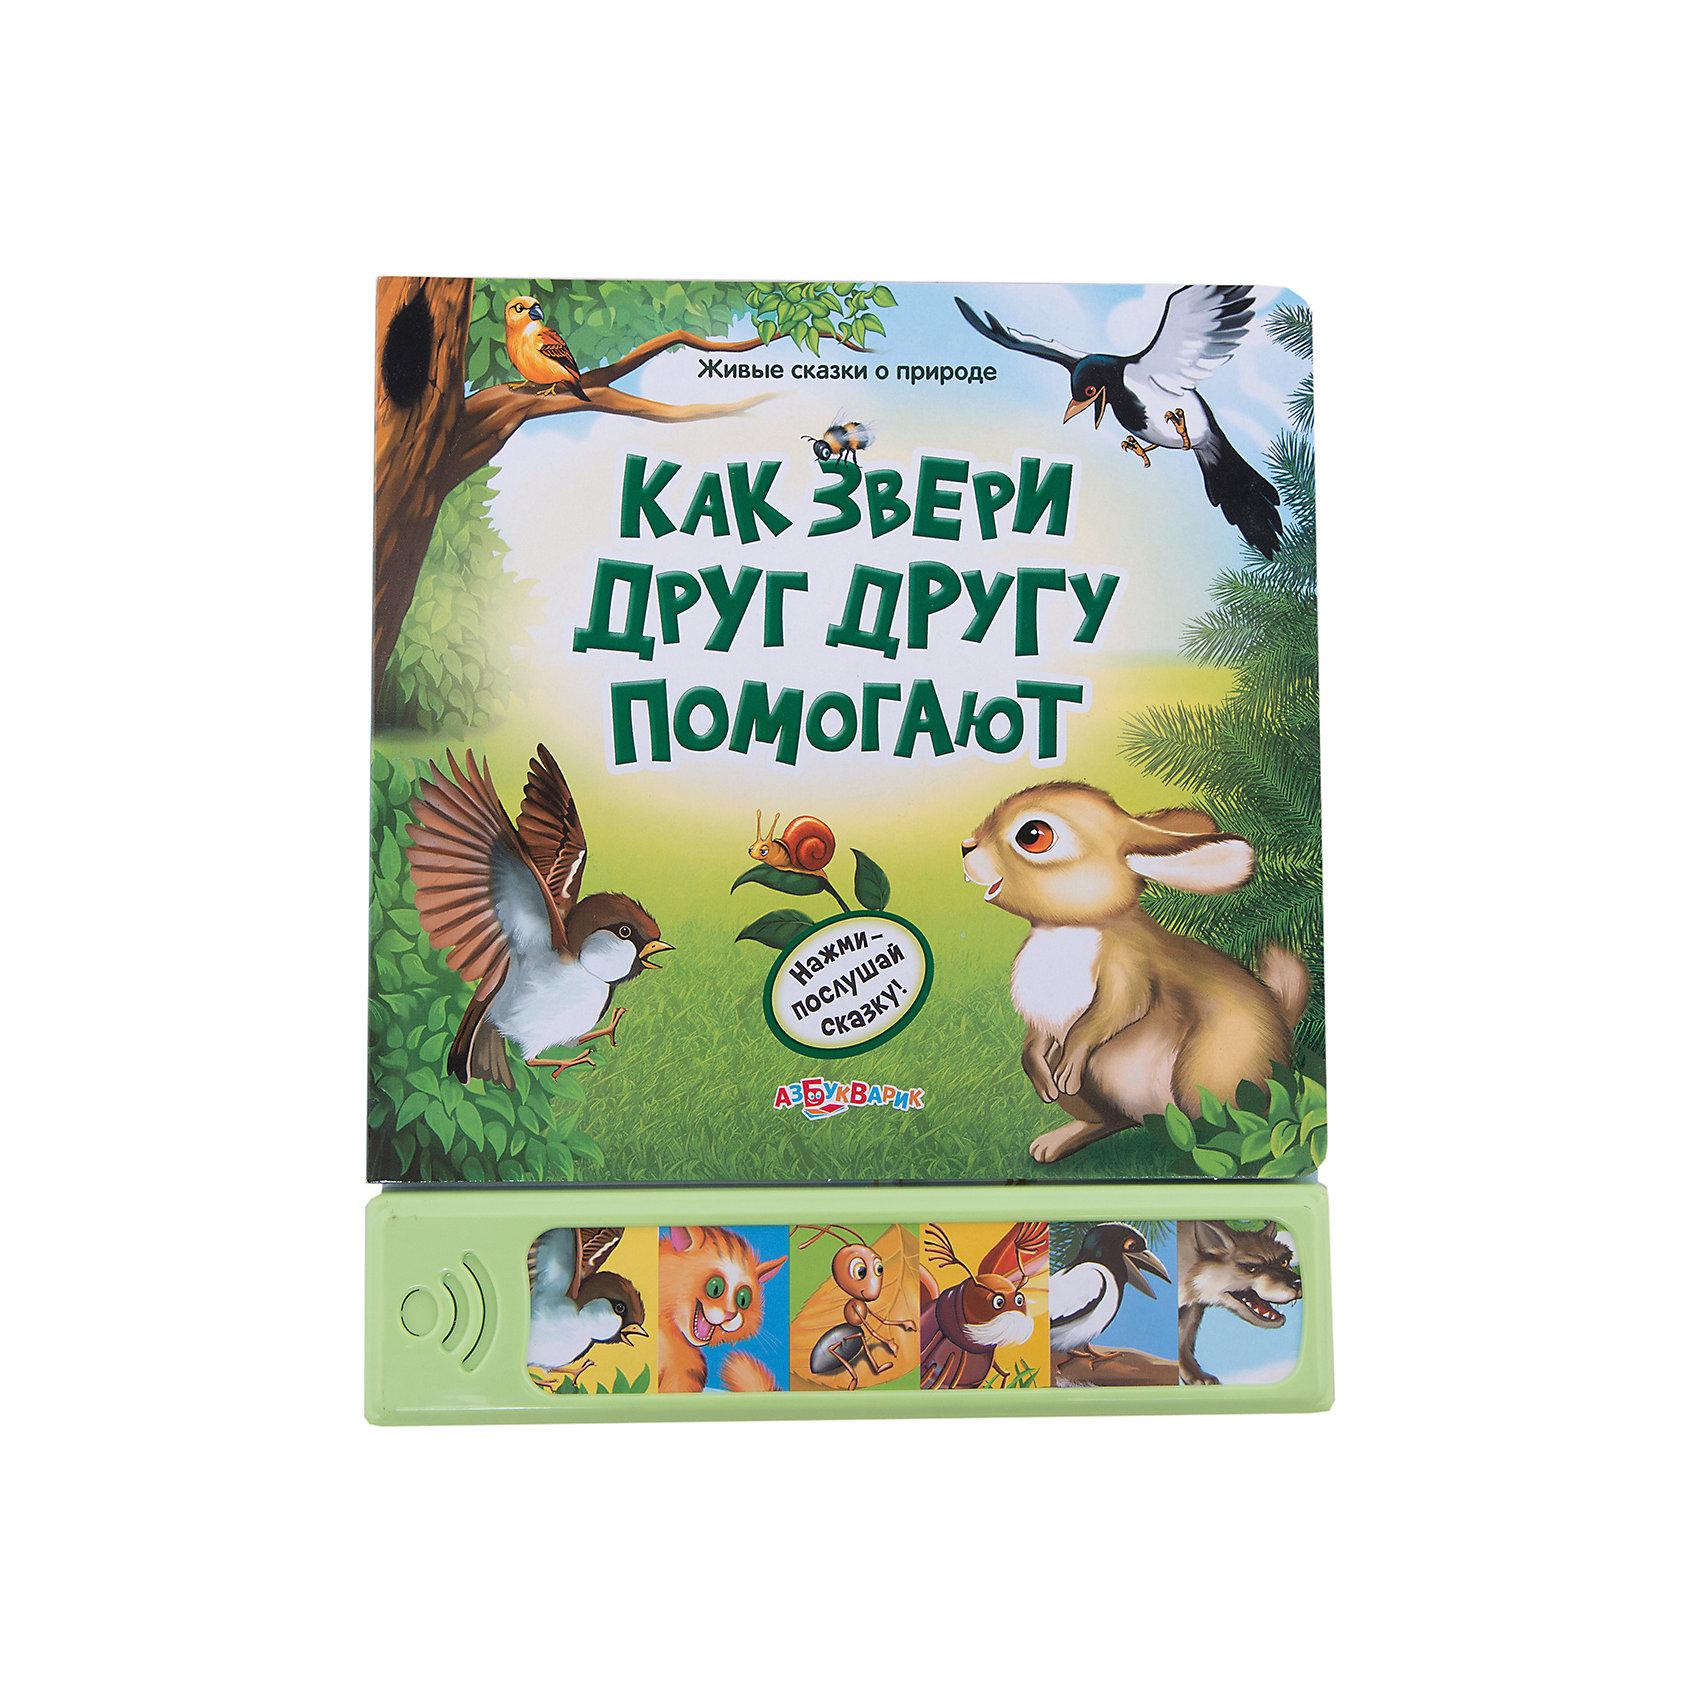 Книга с 6 кнопками Как звери друг другу помогаютОткрывай страничку за страничкой, рассматривай яркие иллюстрации и слушай увлекательные истории о животных, их удивительные голоса и другие звуки. В книгах этой серии ребенок услышит лучшие сказки и рассказы известных писателей (Н. Сладкова, В. Бианки, В. Берестова, Р. Киплинга, Г. Х. Андерсена, О. Кирога и др.) в замечательном звуковом сопровождении.<br><br><br>Дополнительная информация: <br><br>-Картонная книга со звуковым модулем<br>-Формат 210Х252 мм<br>-Кол-во страниц: 12карт. стр.<br>-Батарейки: AG13/LR44(в комплекте) <br><br>Книгу издательства Азбукварик Как звери друг другу помогают. Серия Живые сказки о природе  можно купить в нашем интернет- магазине<br><br>Ширина мм: 210<br>Глубина мм: 252<br>Высота мм: 20<br>Вес г: 433<br>Возраст от месяцев: 24<br>Возраст до месяцев: 60<br>Пол: Унисекс<br>Возраст: Детский<br>SKU: 2450927